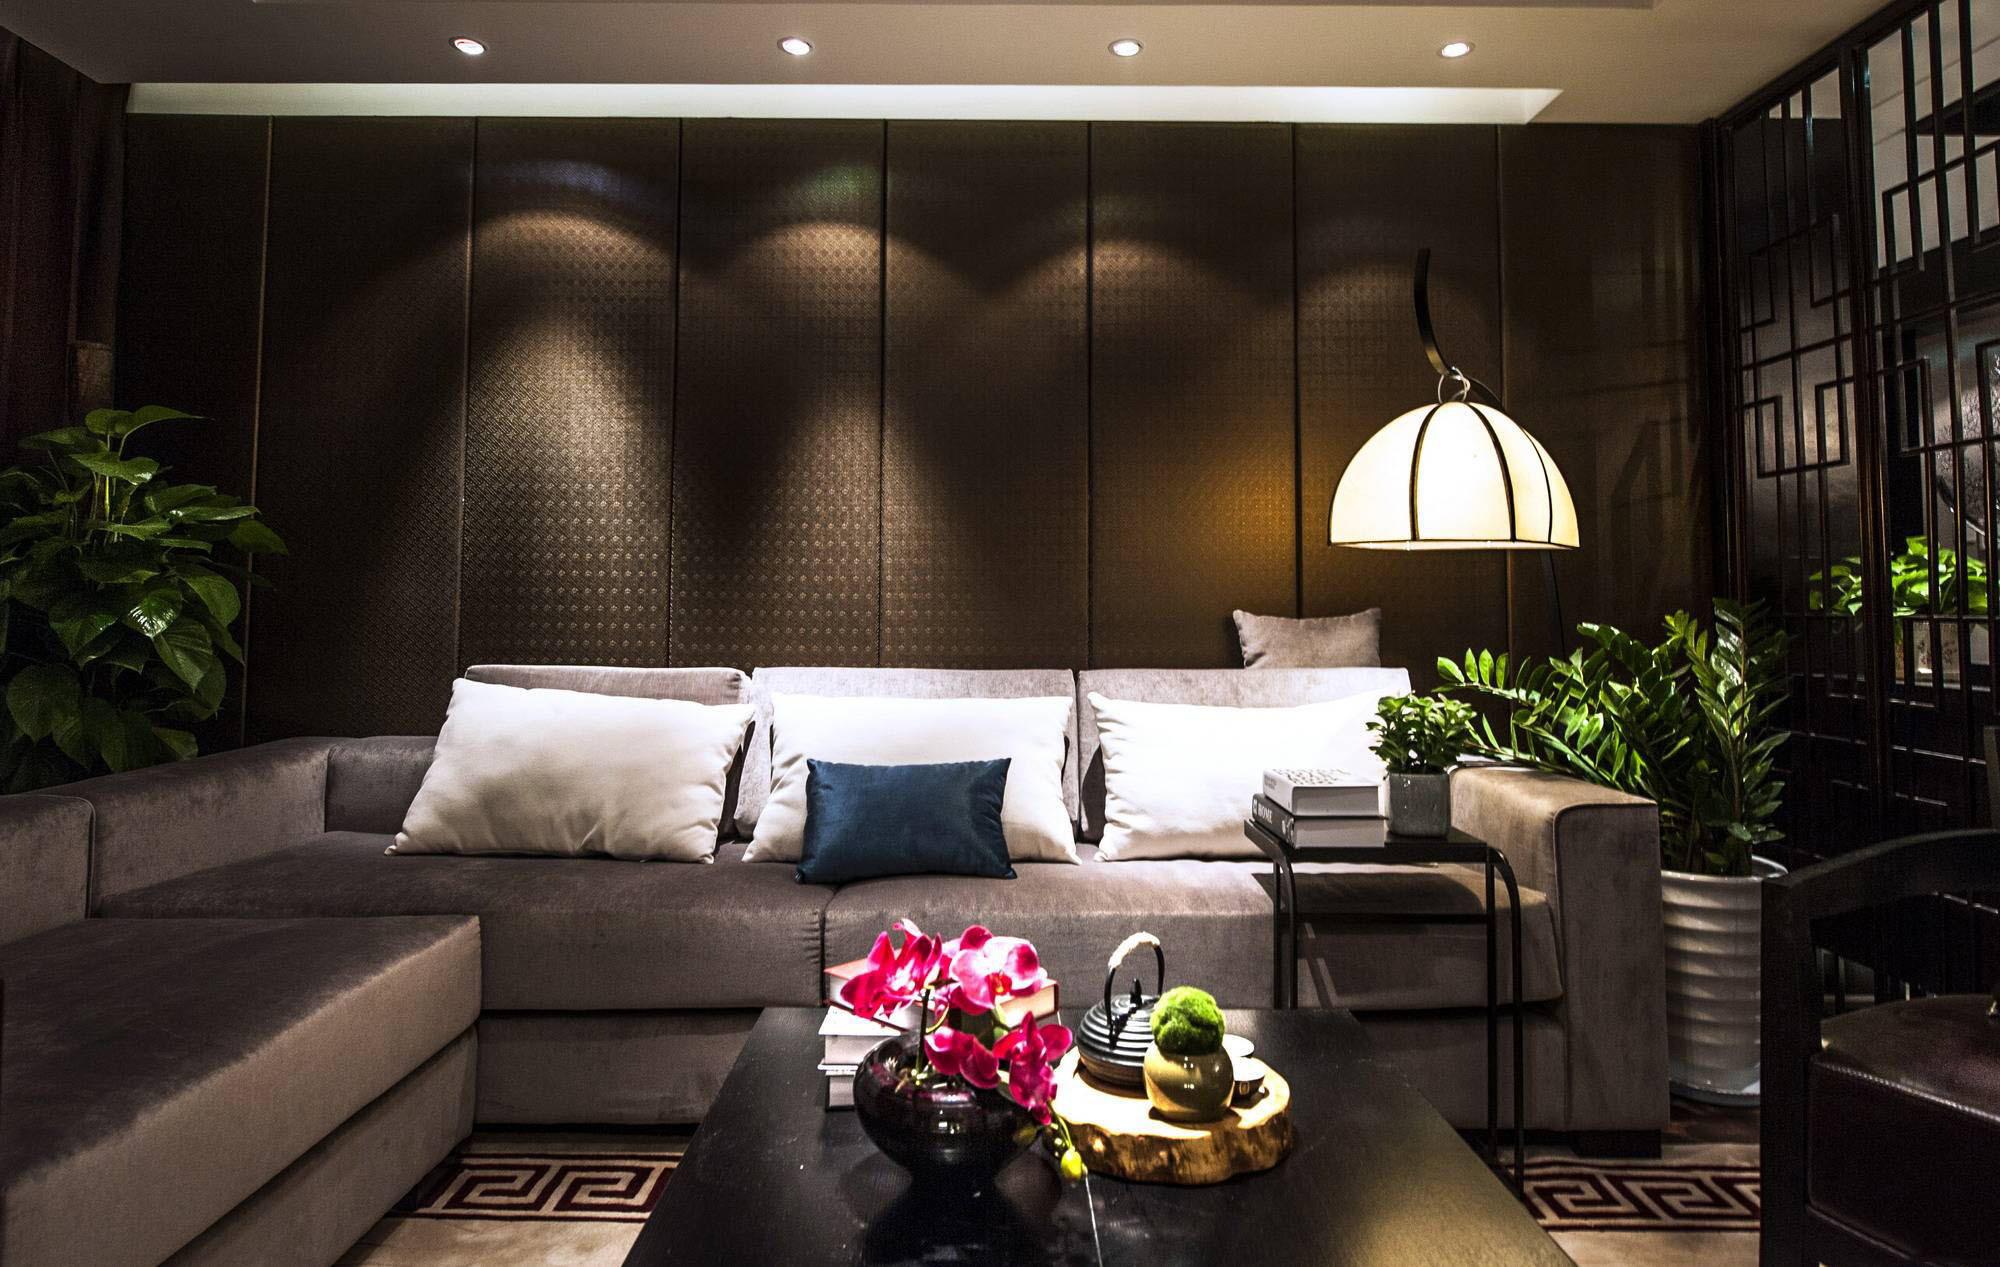 重庆软装公司-提供室内软装免费设计-重庆几色家居设计有限公司